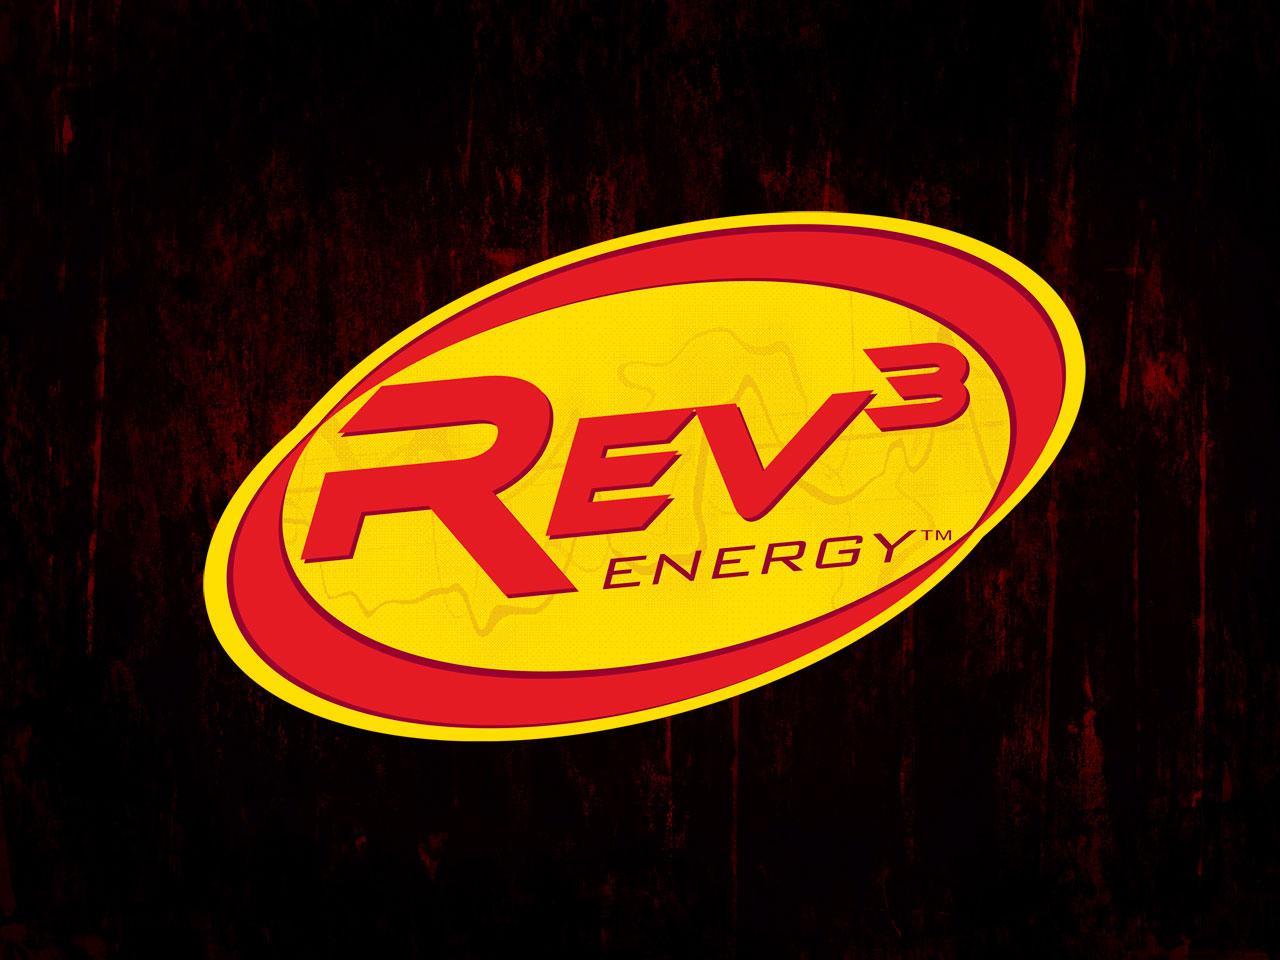 Rev3 Energy - USANA